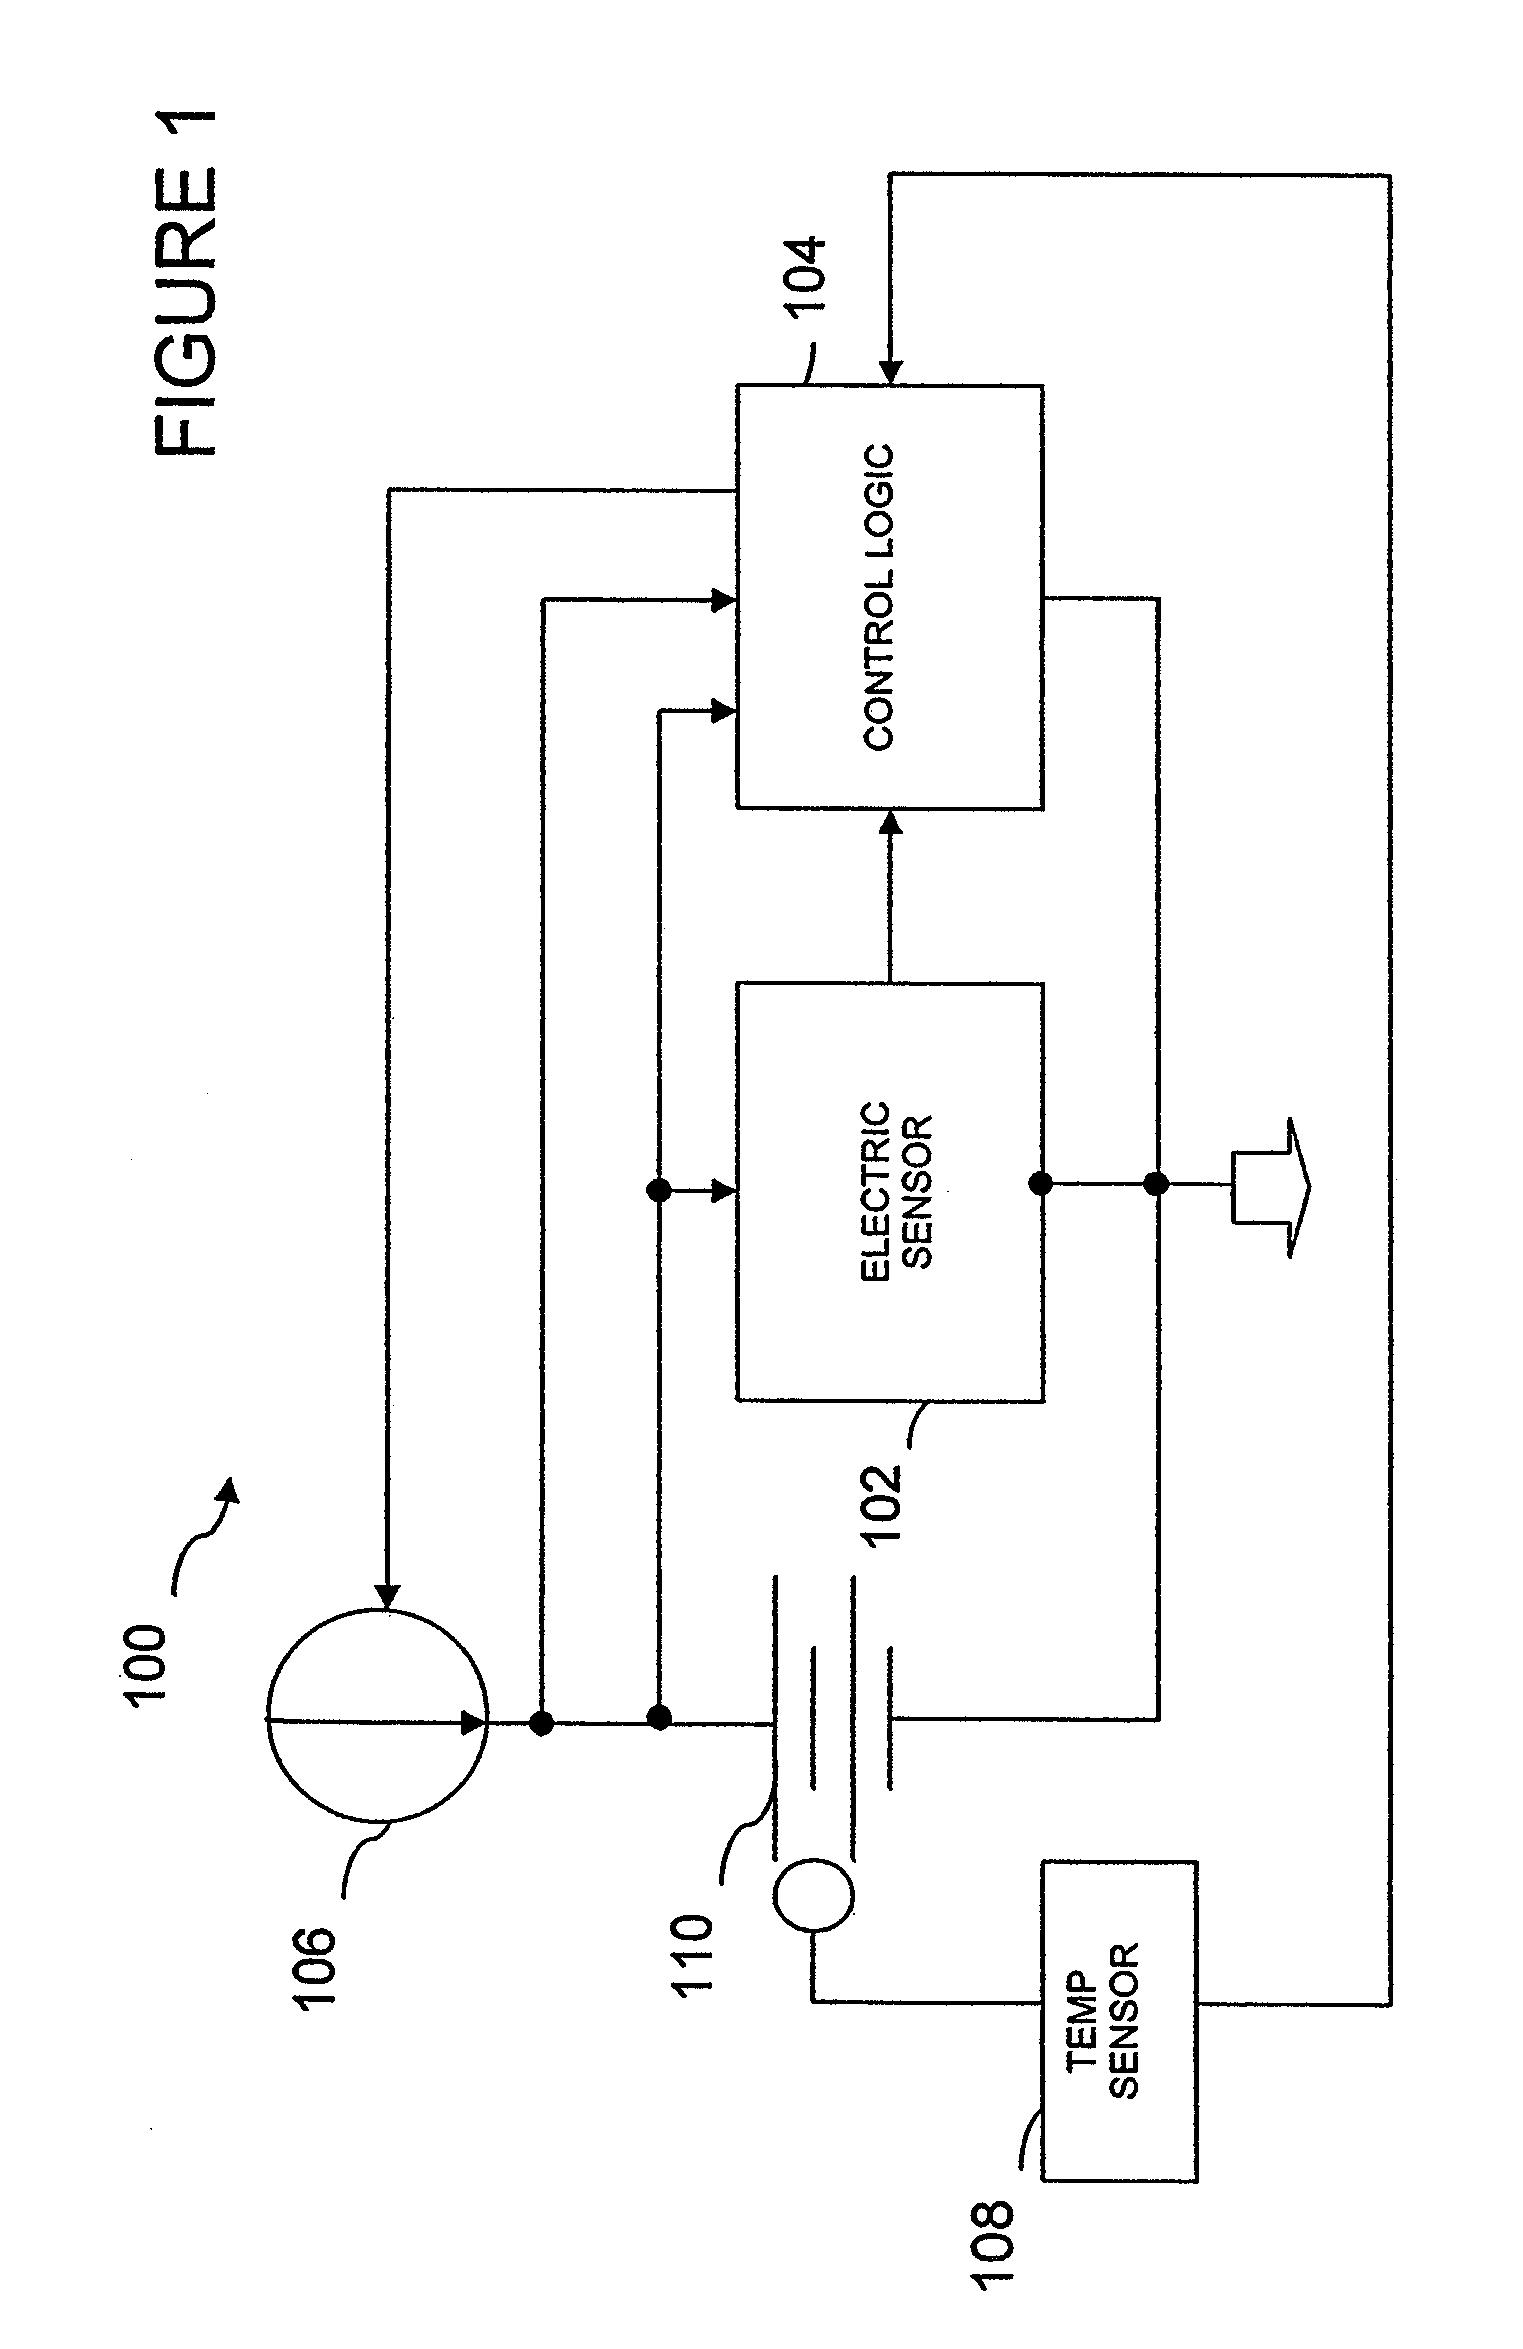 schumacher se 1250 wiring diagram harris wiring diagram harris wiring diagram harris wiring diagram harris wiring diagram